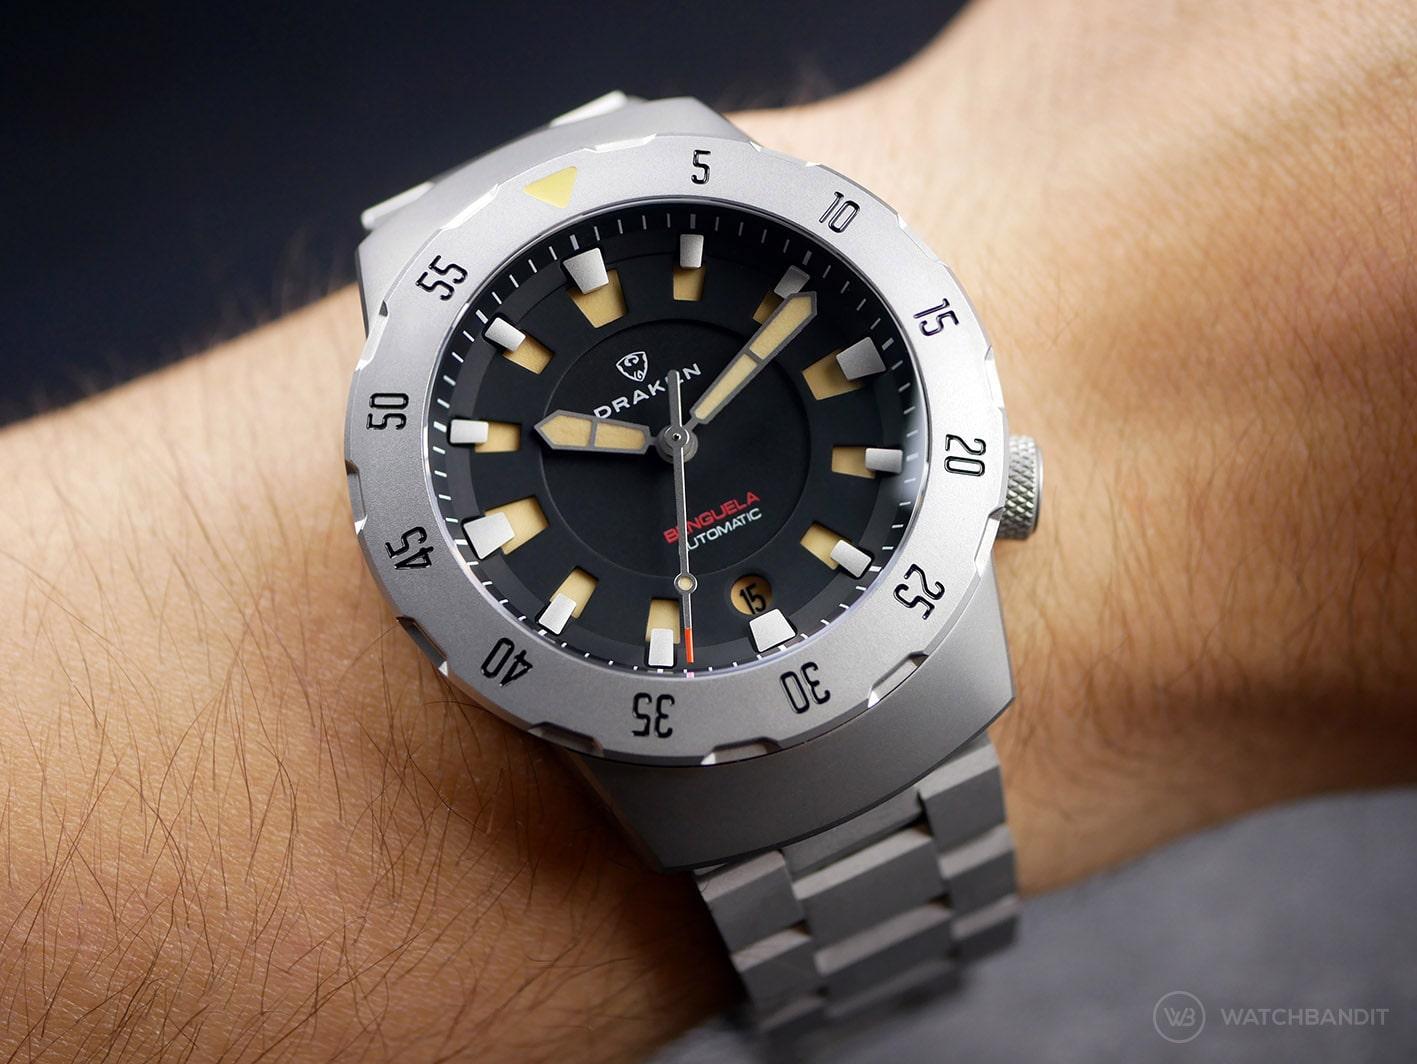 Draken Bengula Watch - Wrist shot